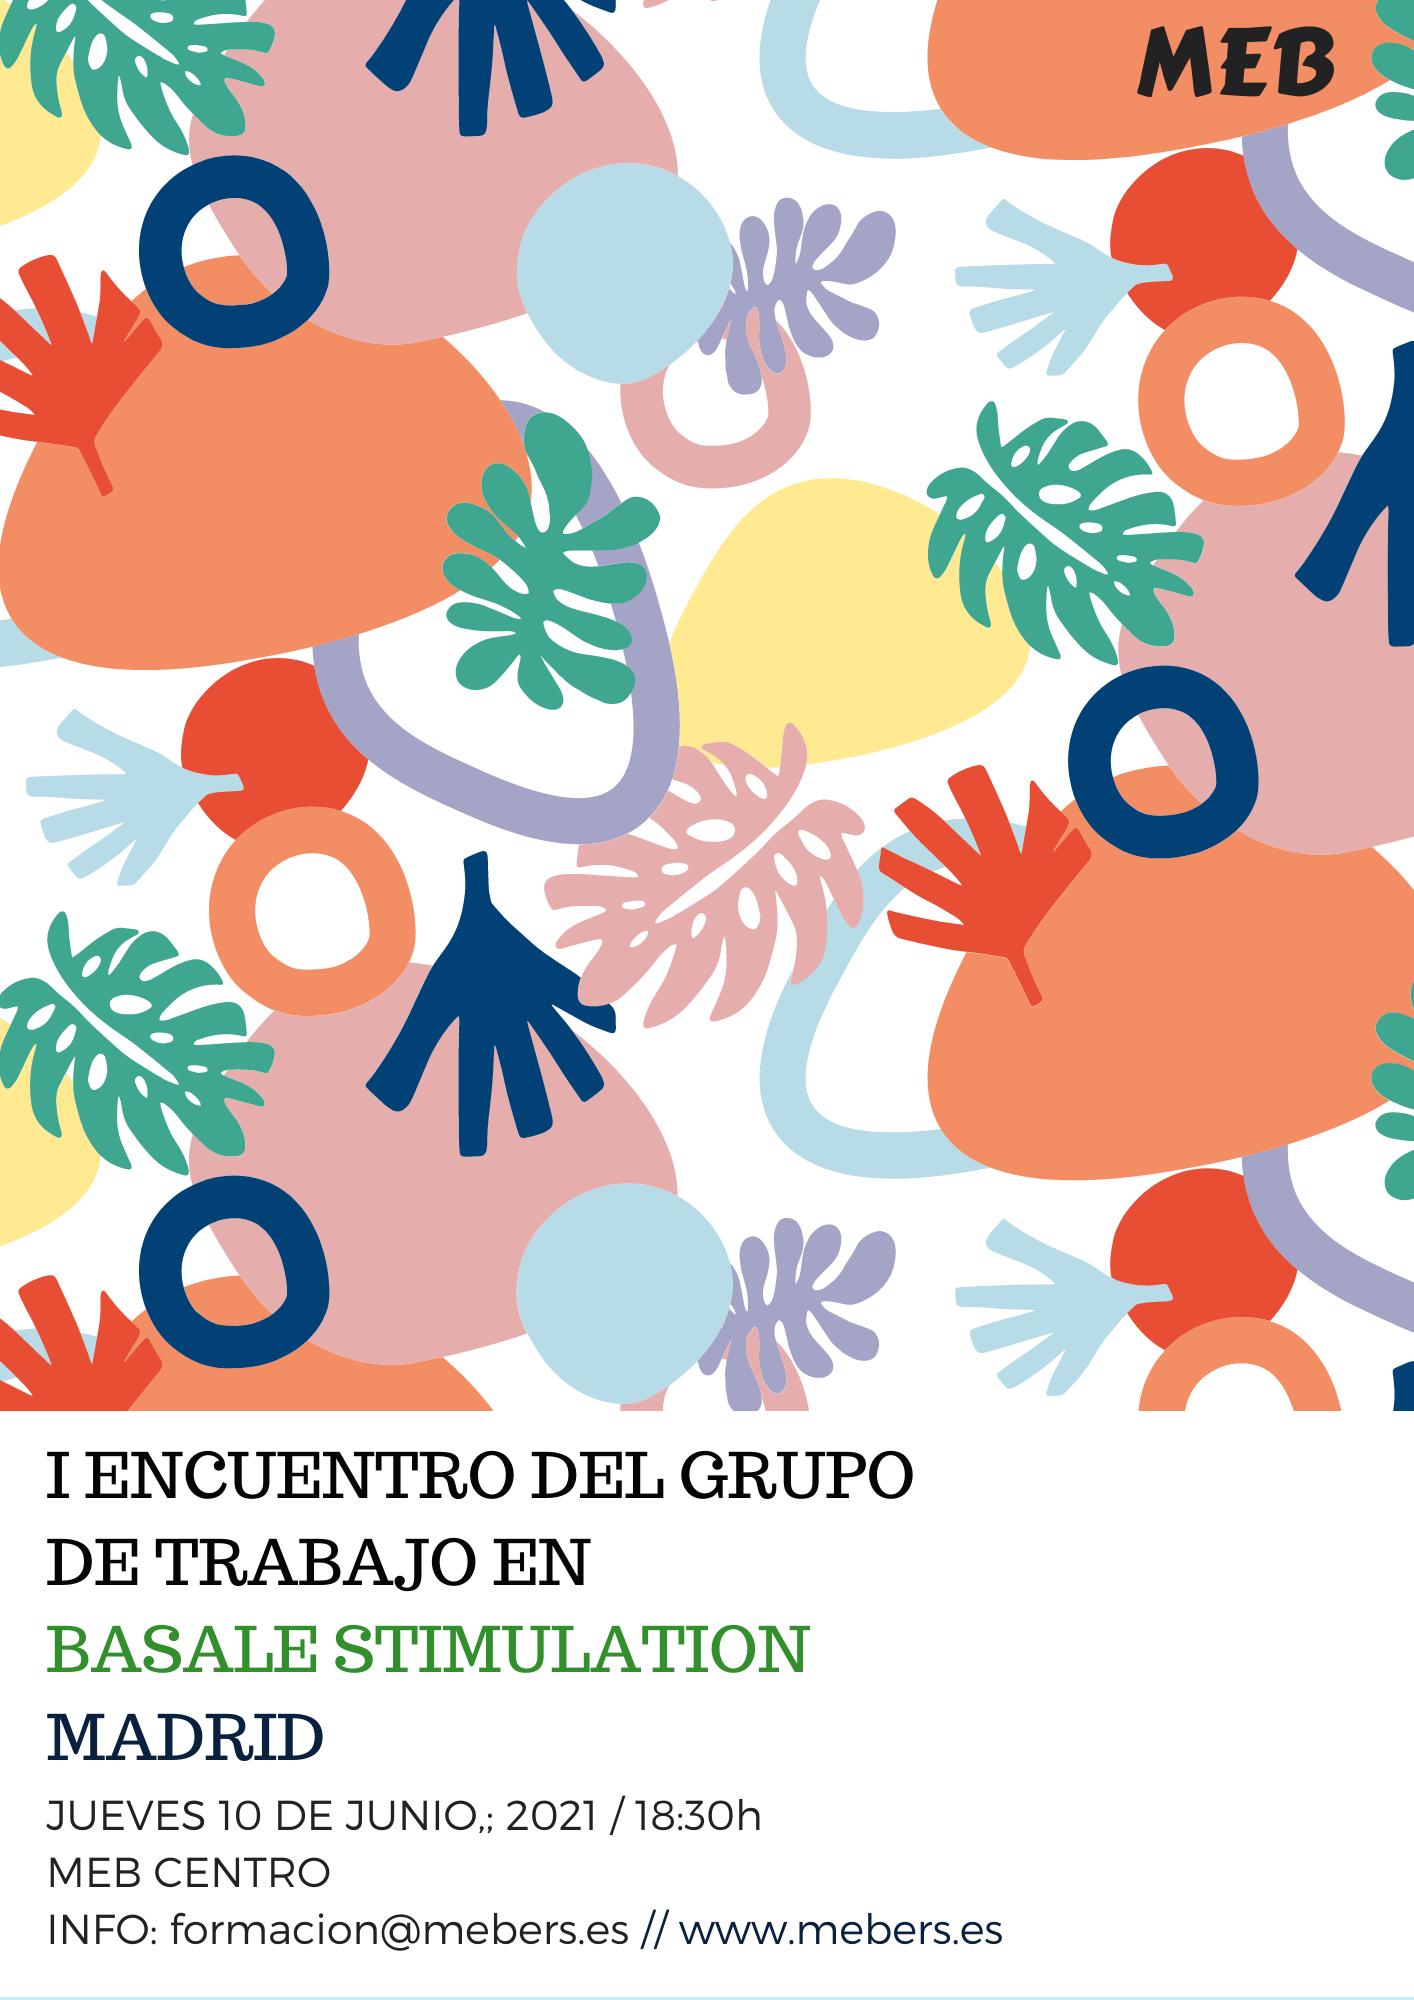 ENCUENTRO DEL GRUPO DE TRABAJO EN BASALE STIMULATION DE MADRID.